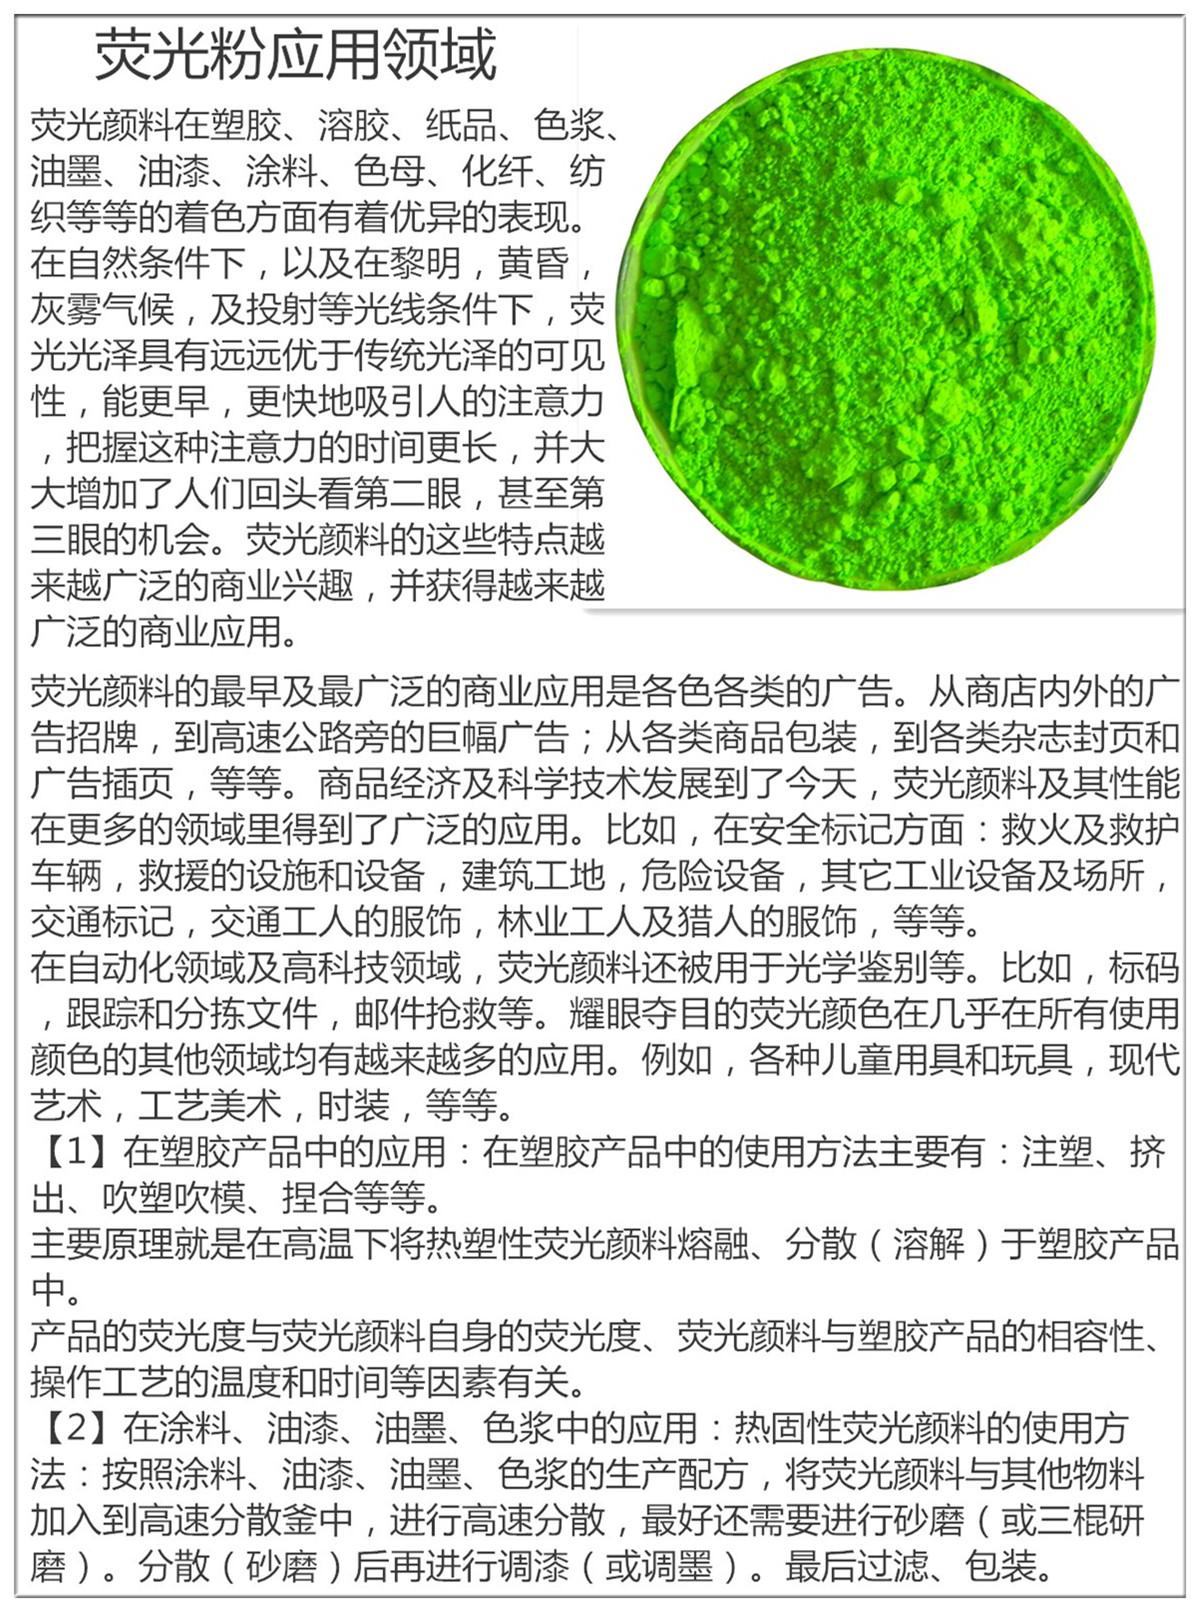 荧光粉应用领域.jpg